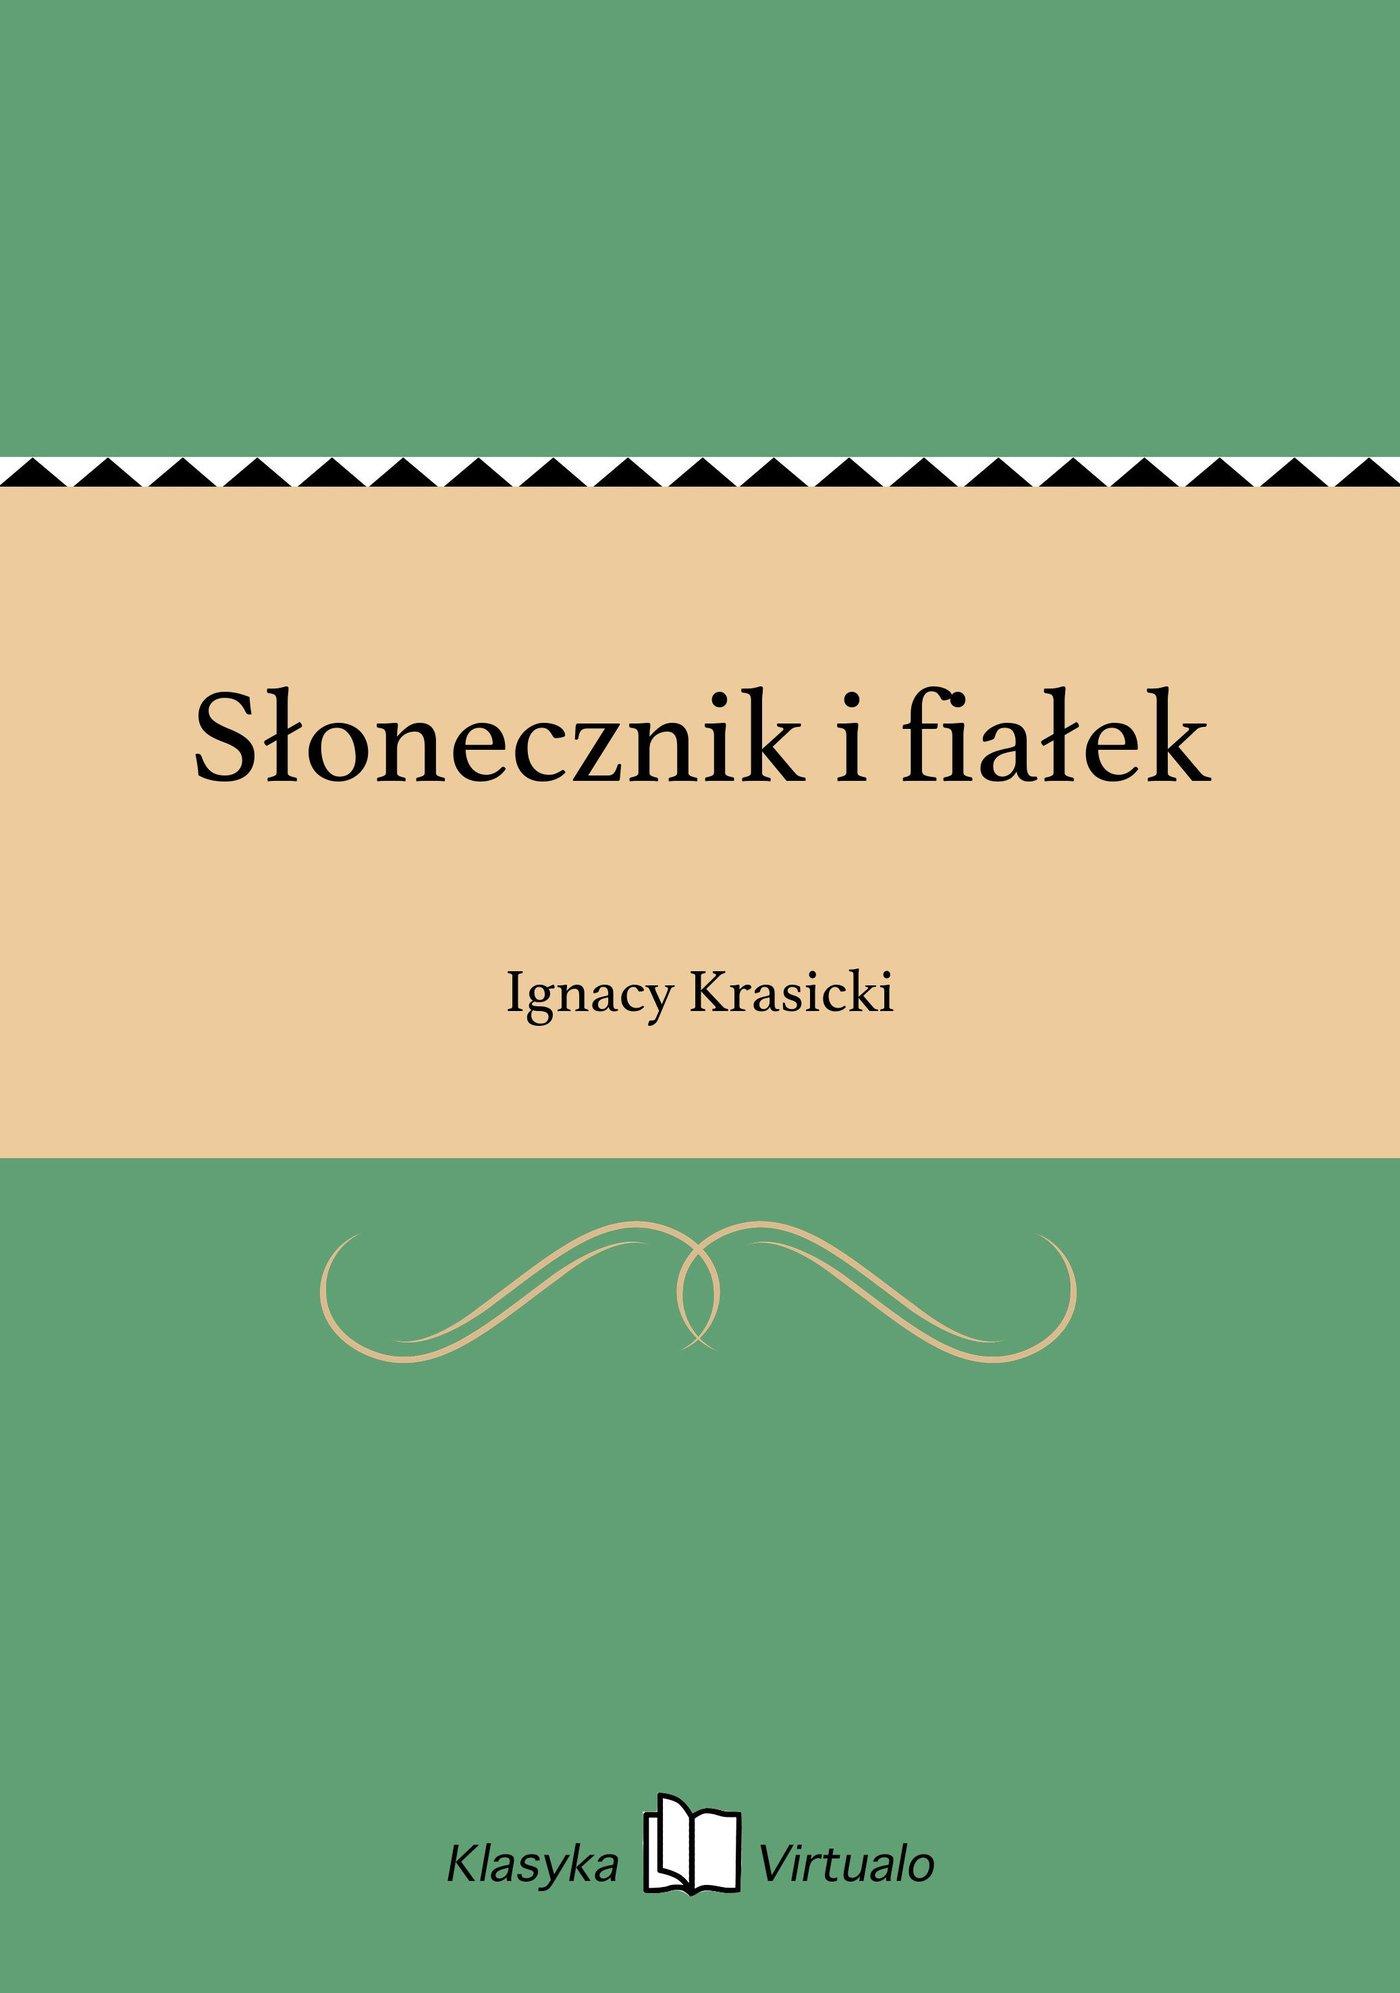 Słonecznik i fiałek - Ebook (Książka EPUB) do pobrania w formacie EPUB